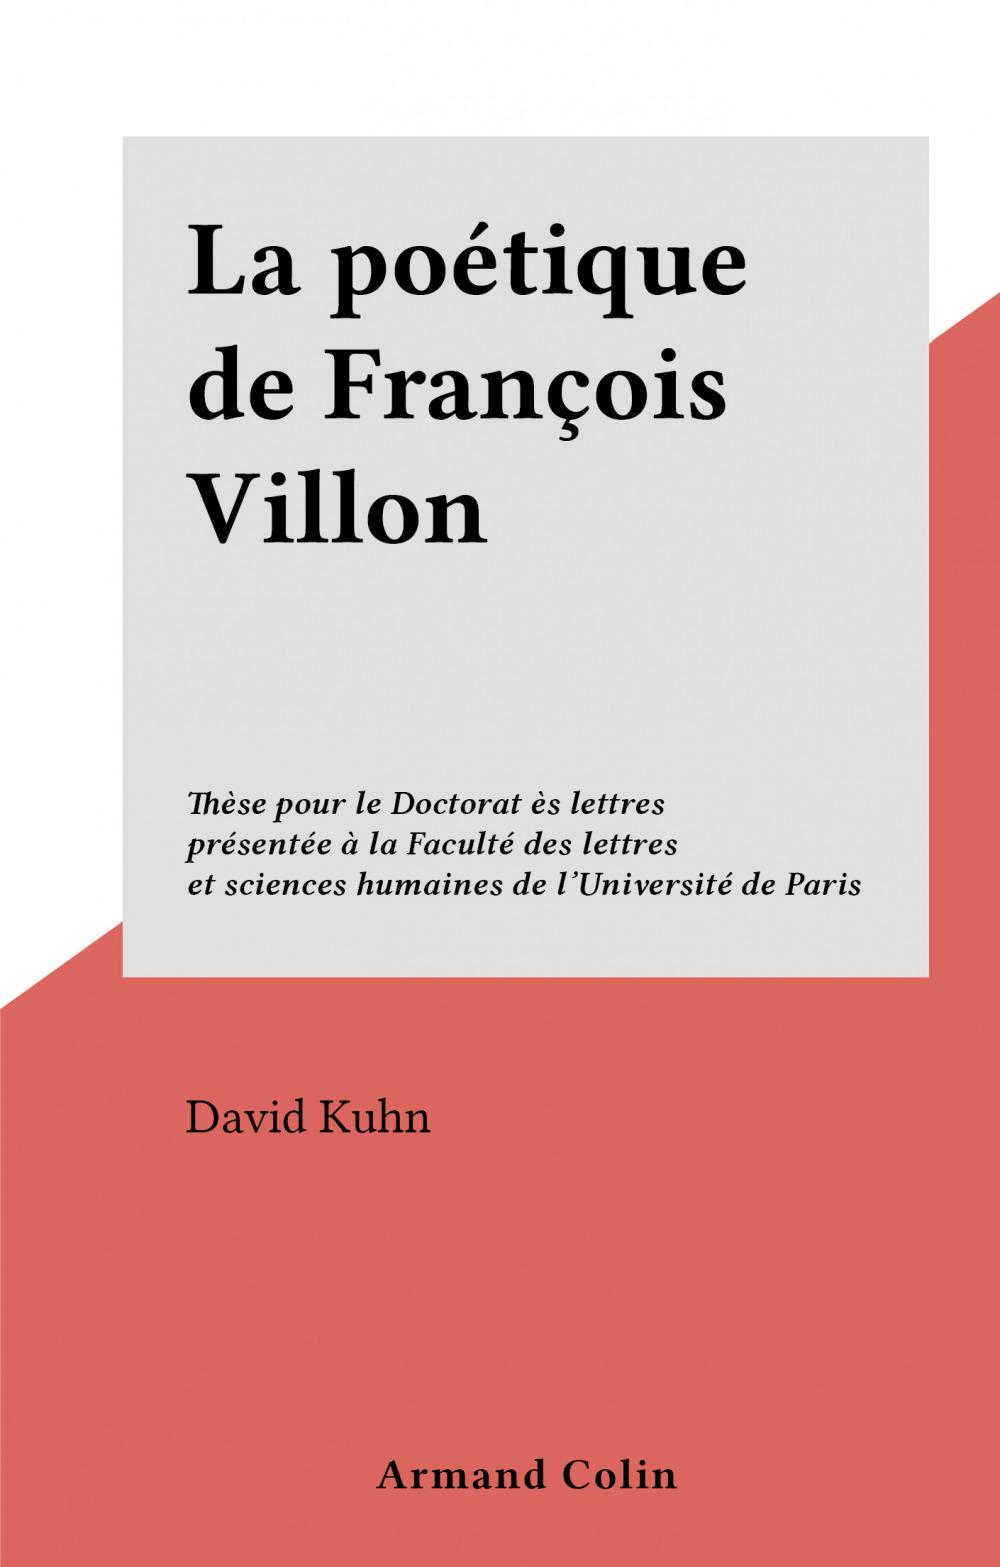 La poétique de François Villon